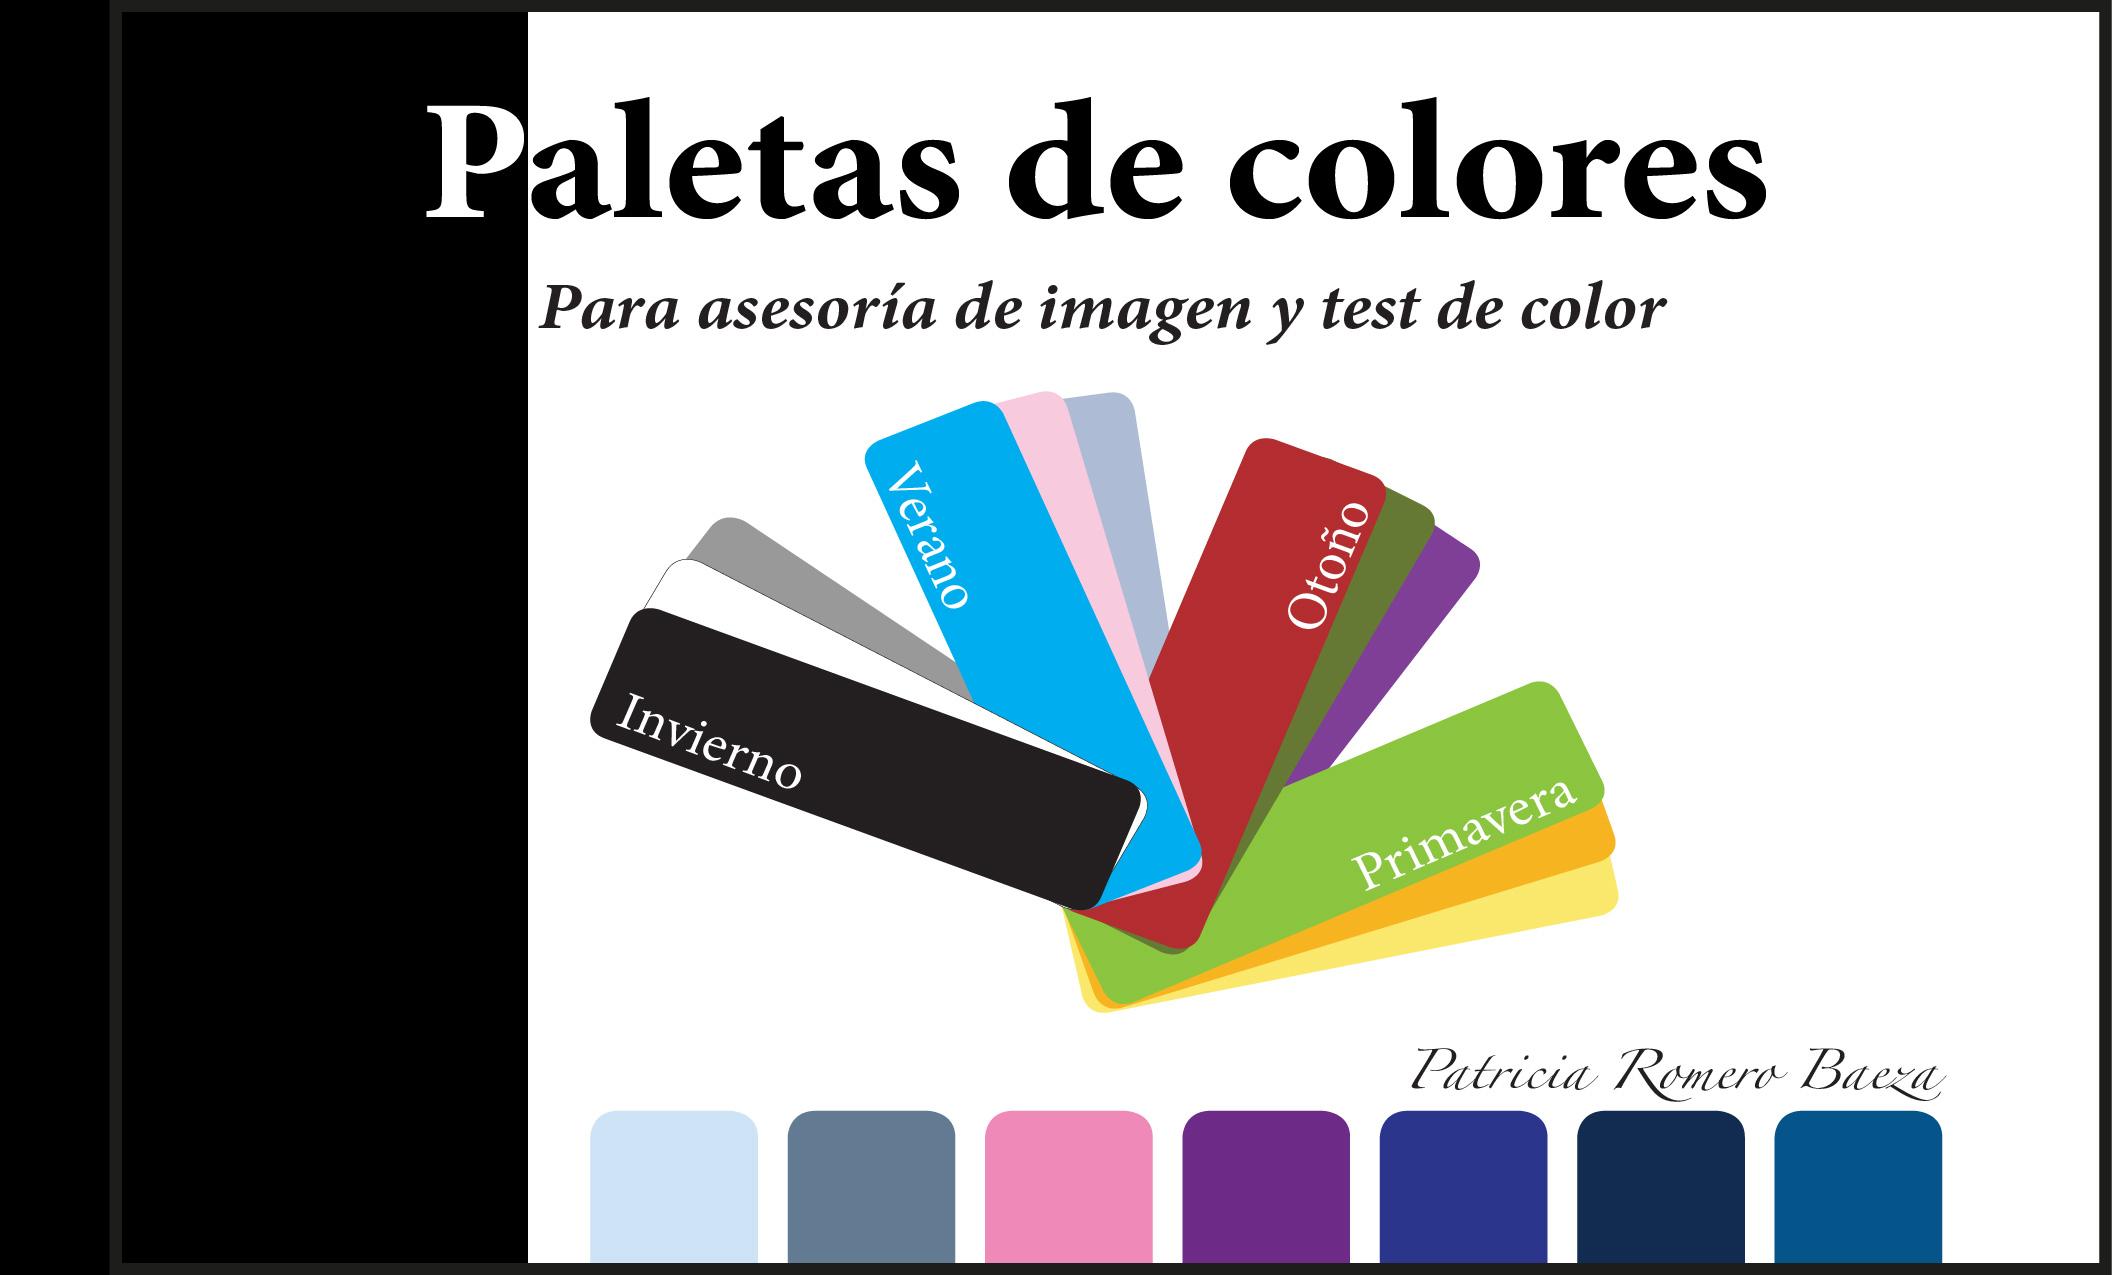 LIBRO COLORIMETRÍA: Paletas de Colores IMPRESO